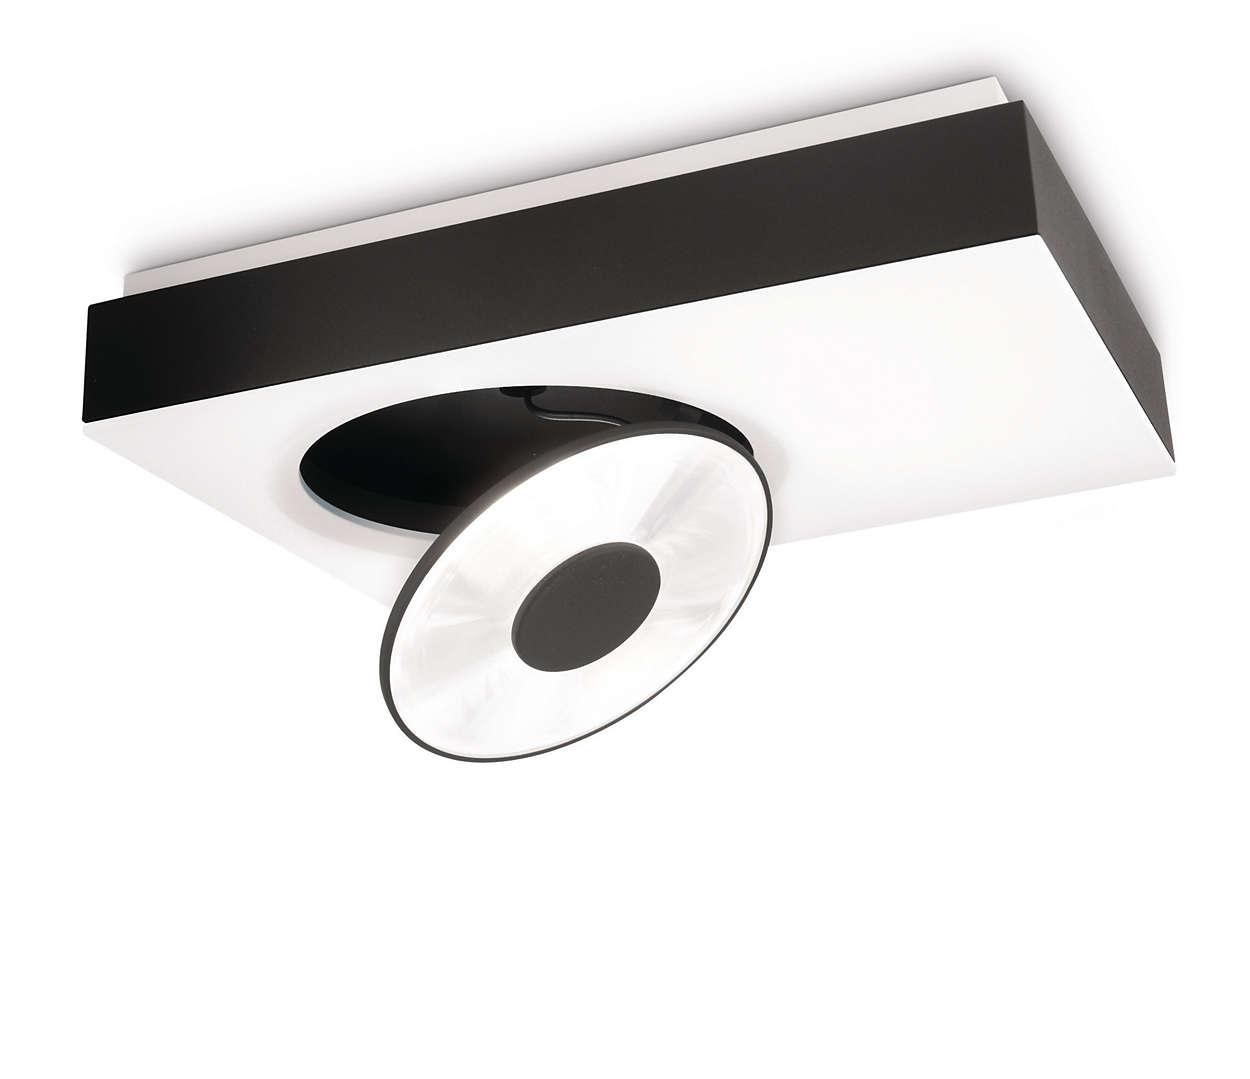 Μπορεί το φως να λειτουργήσει αρχιτεκτονικά;